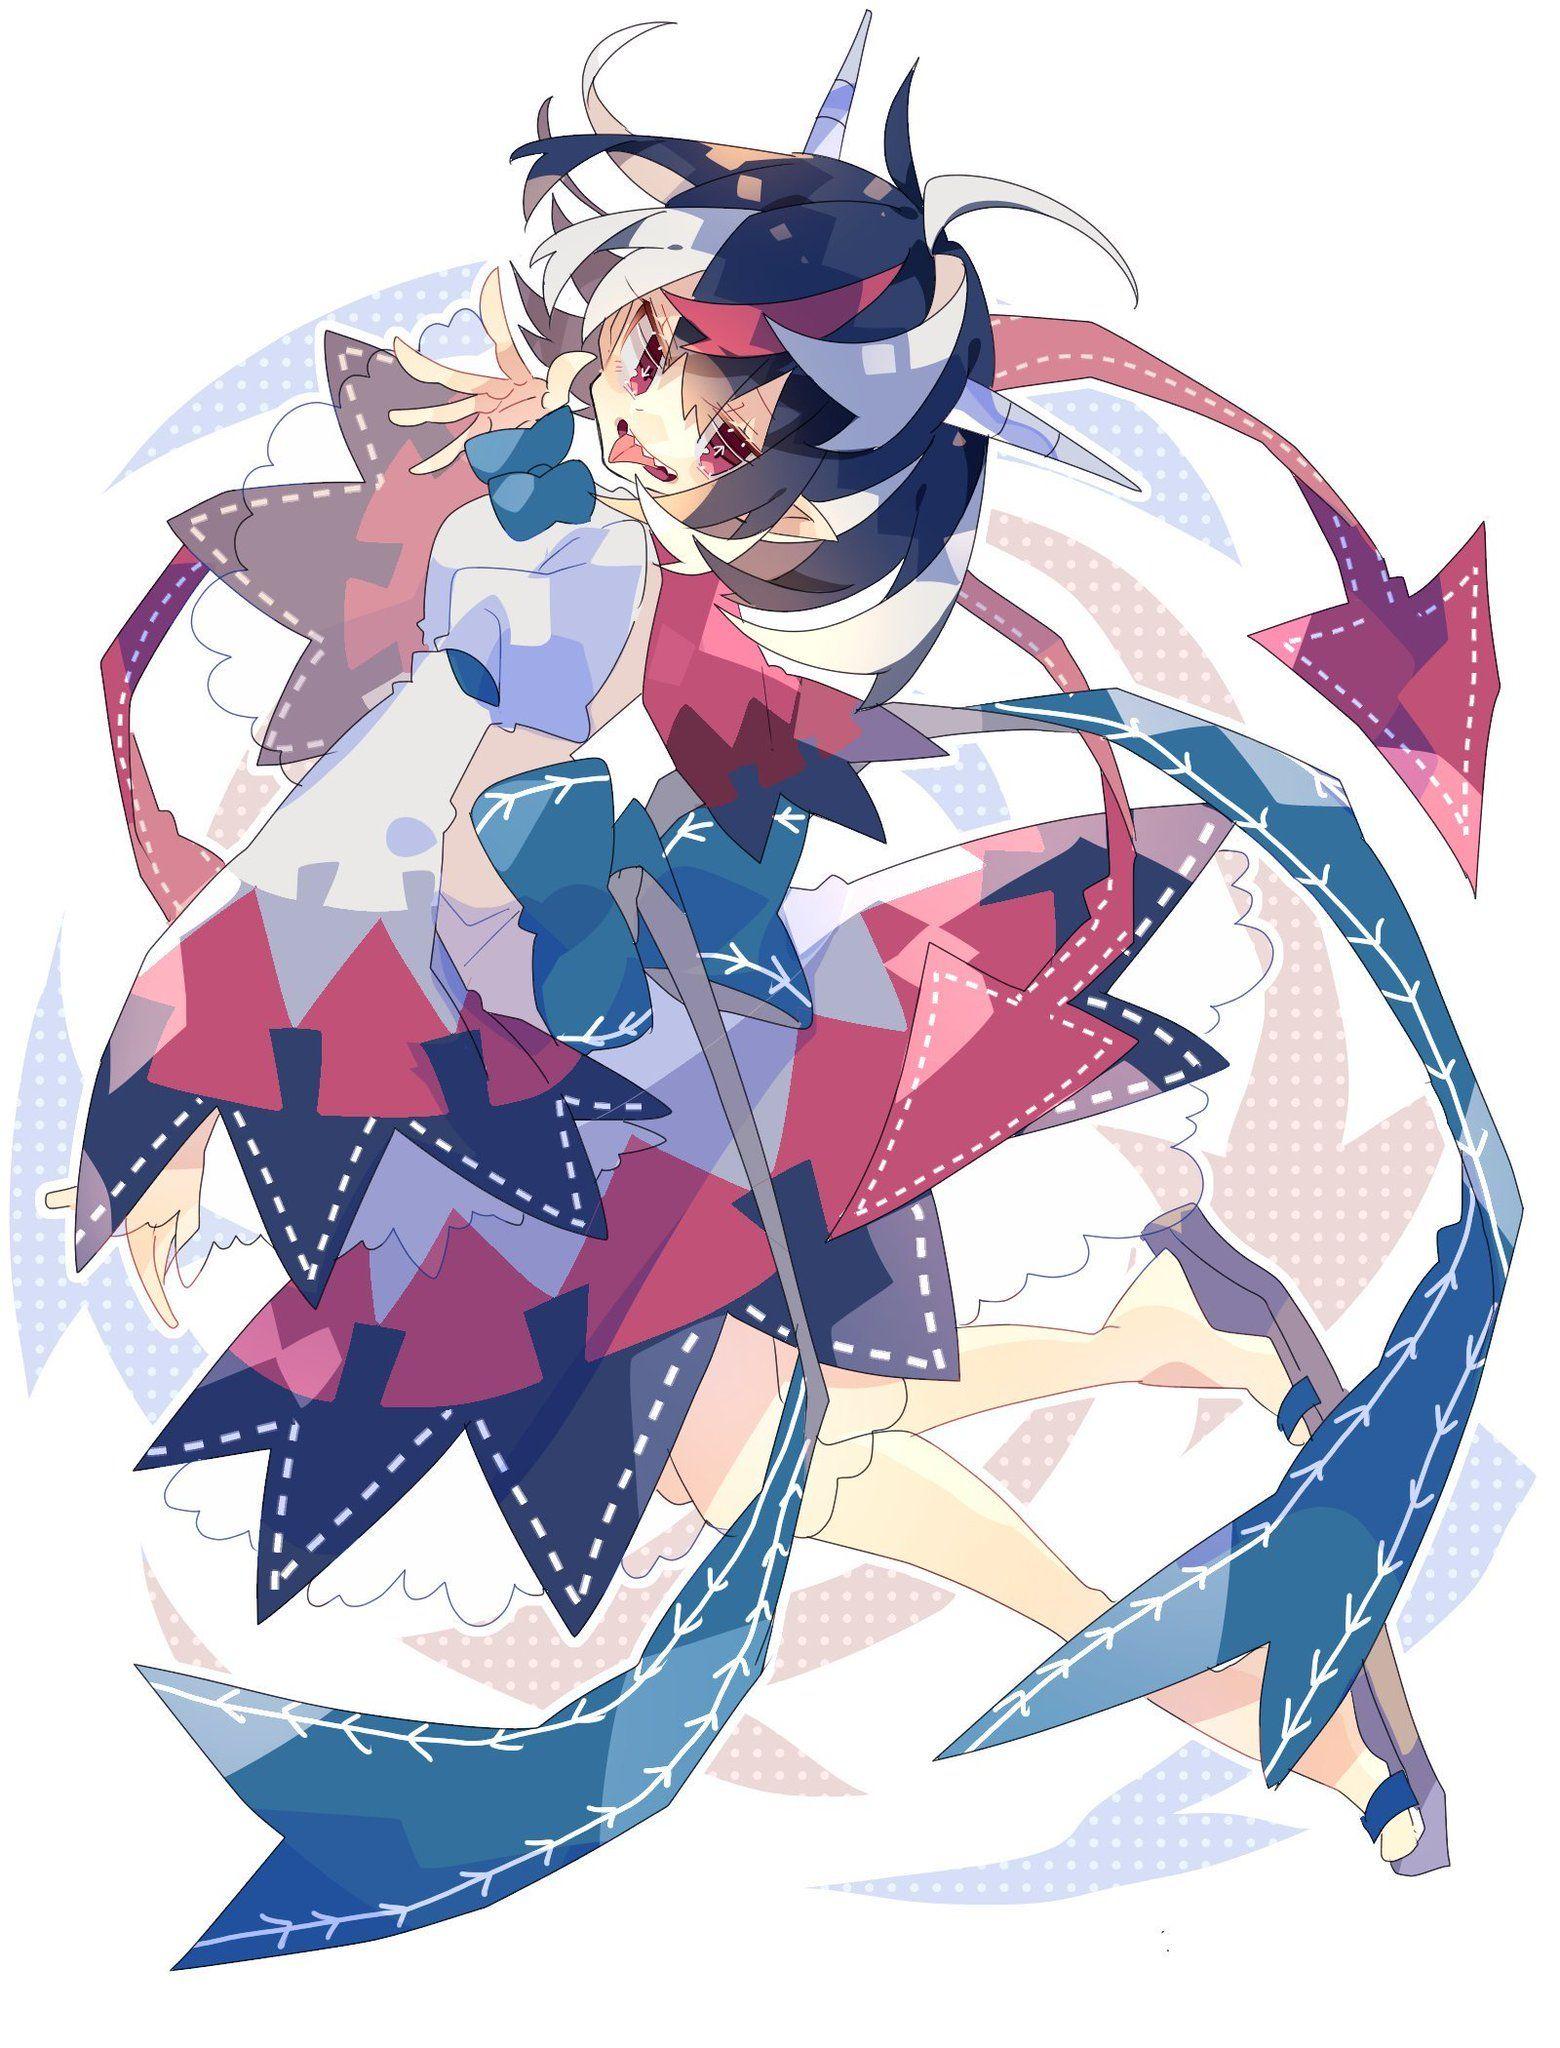 煮込らし化 虫歯 on twitter cute anime character anime pretty art